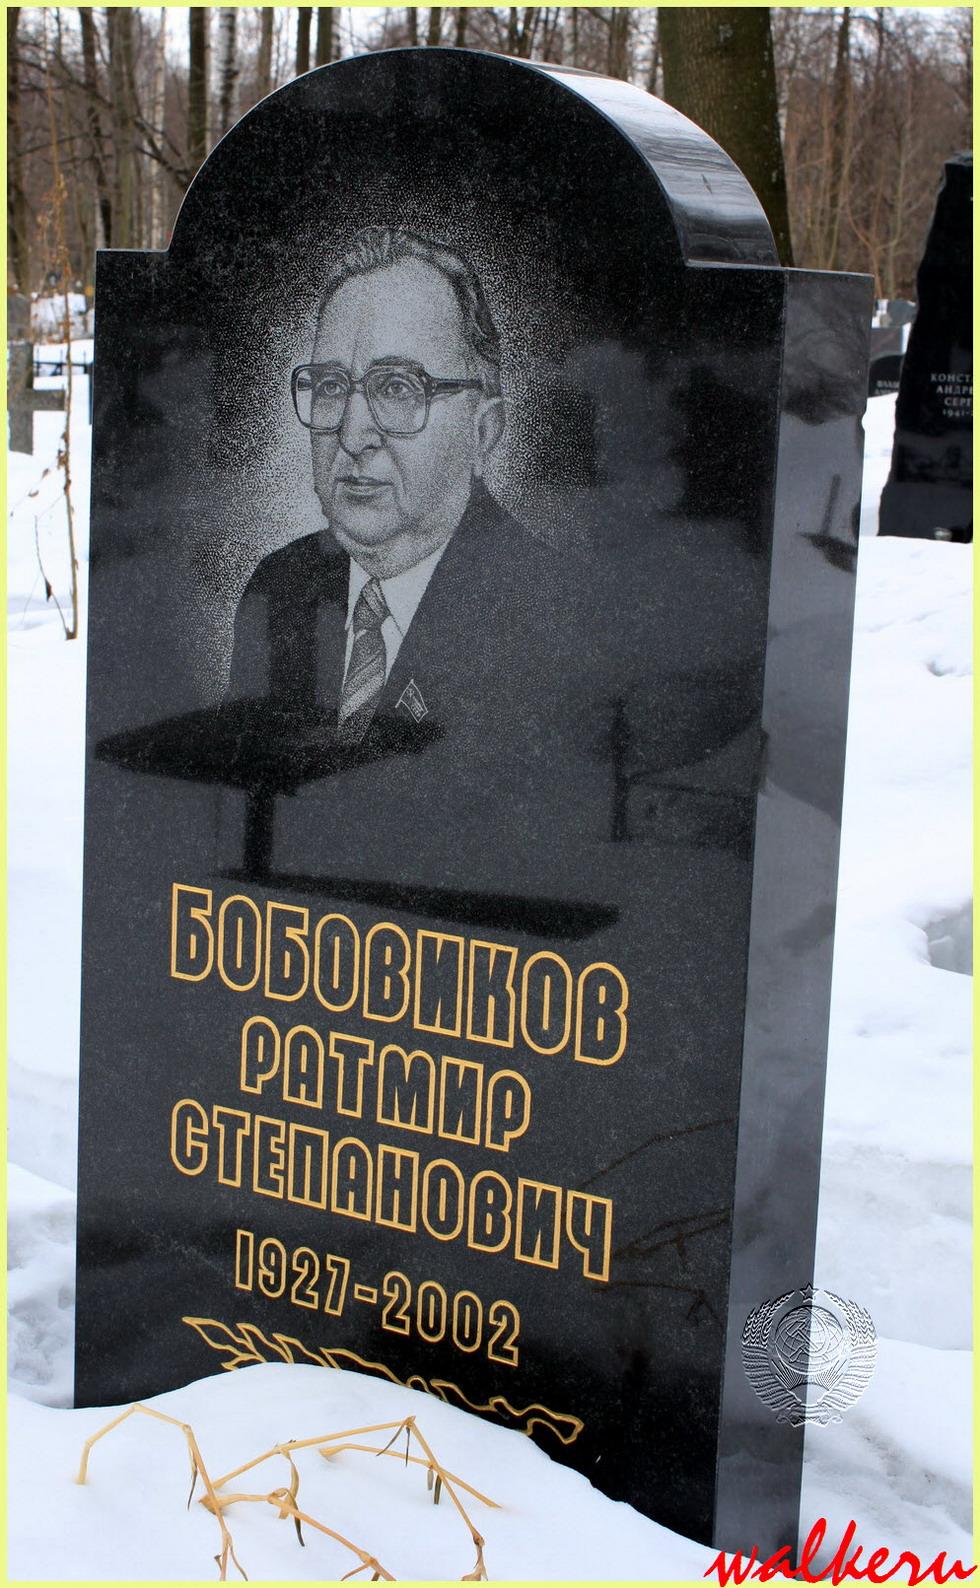 Могила Бобовикова Р.С. на Смоленском кладбище